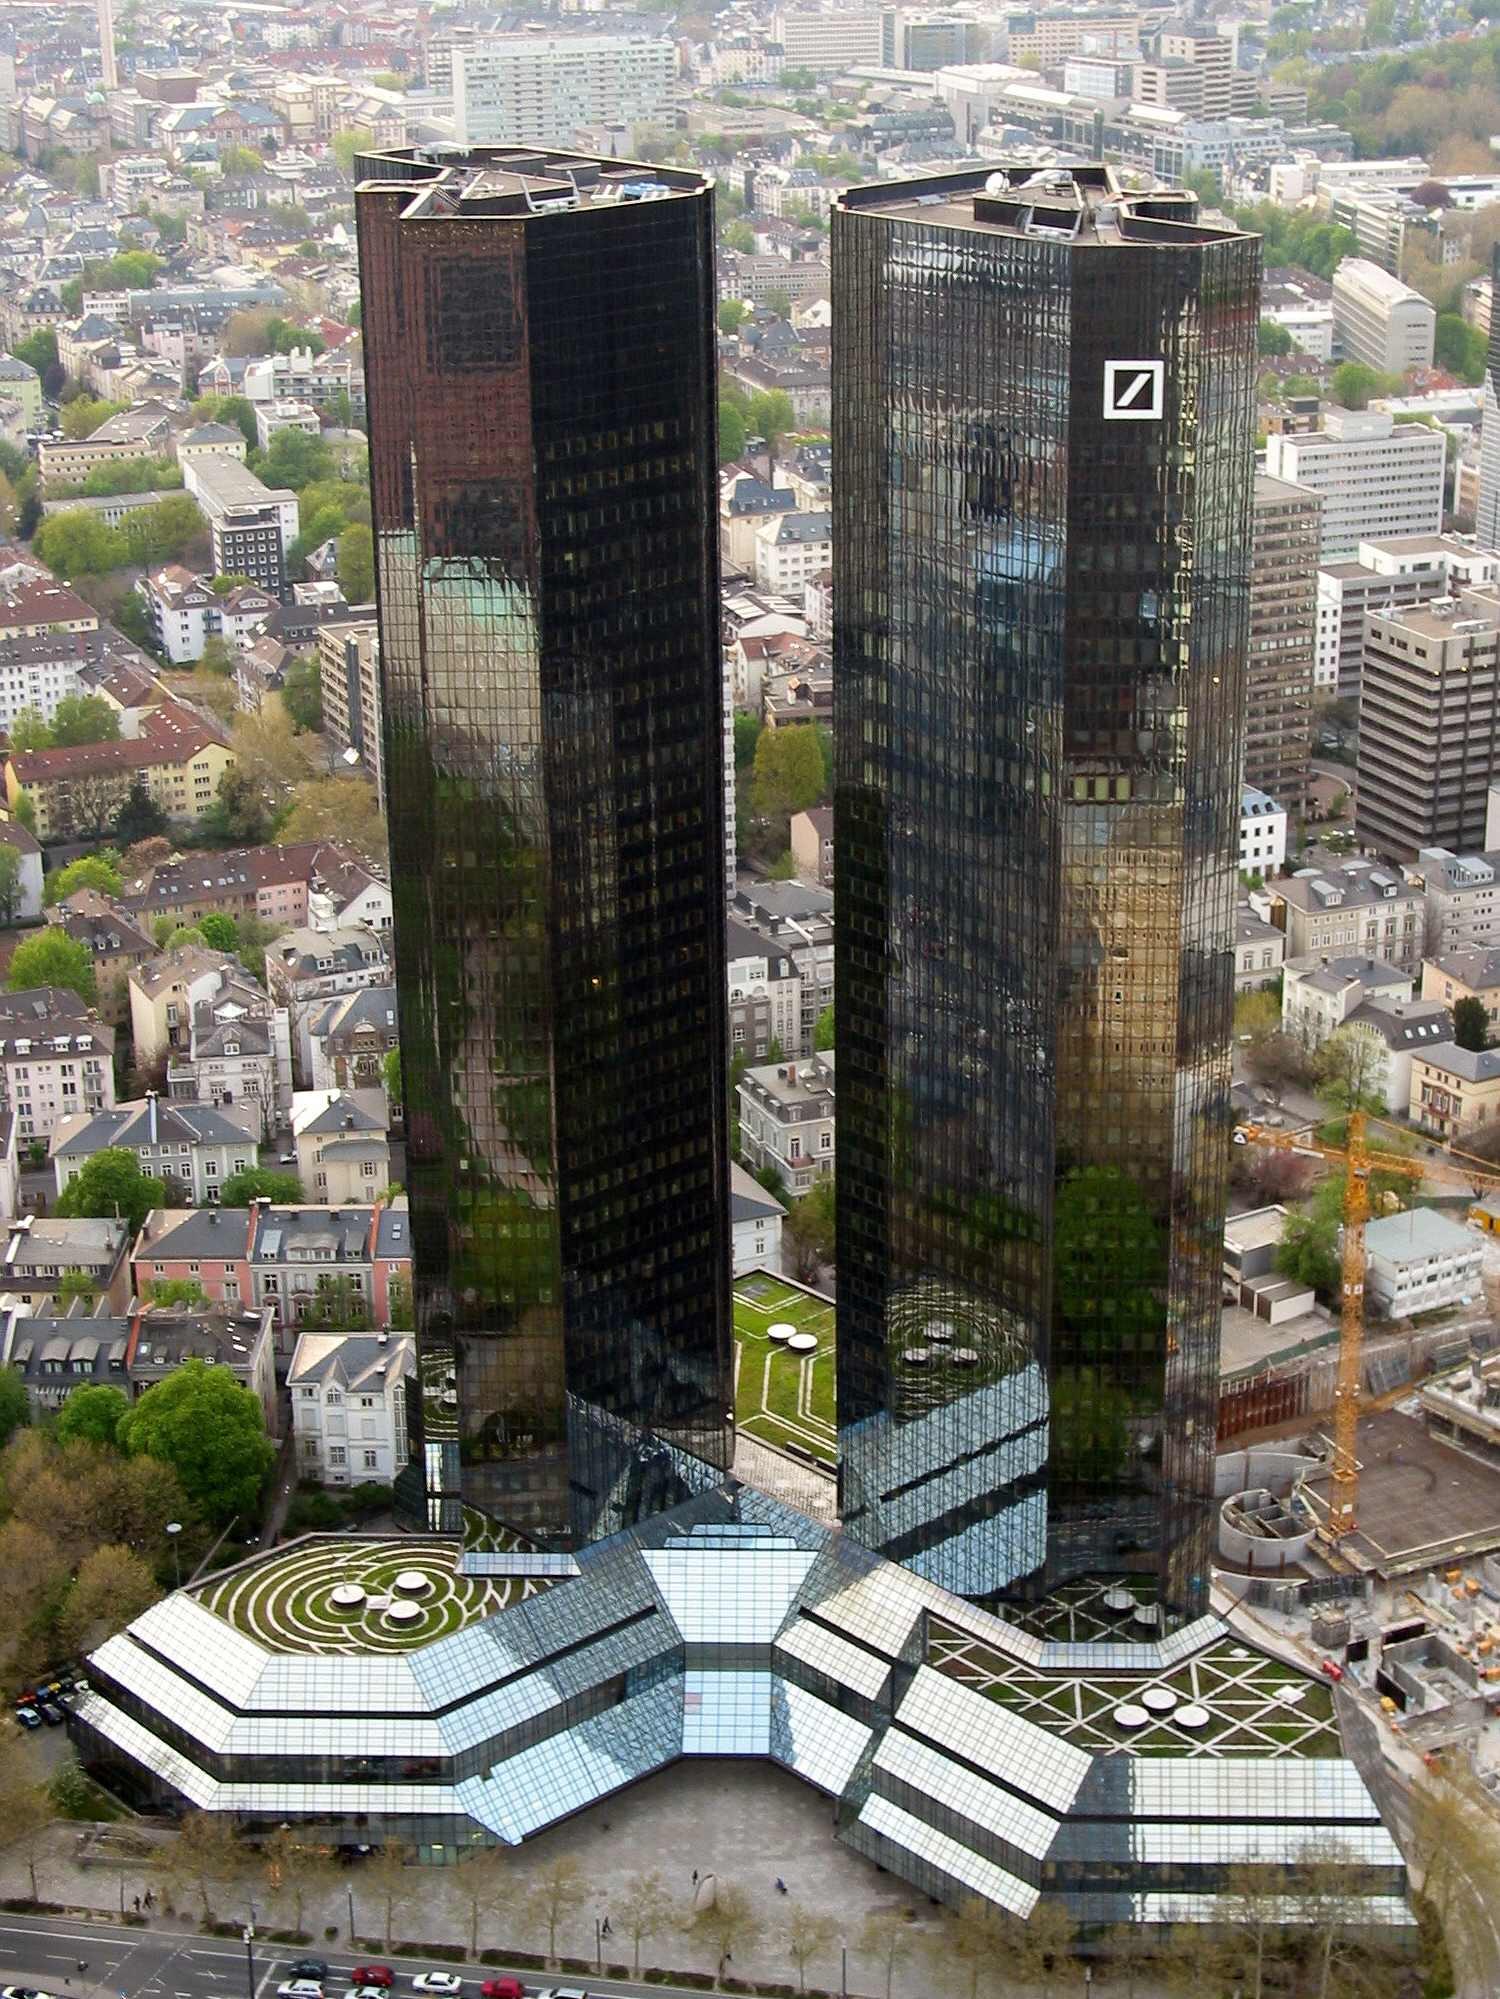 Deutsche Bank FOREX Forex Broker, Deutsche Bank FOREX Review, Deutsche Bank FOREX Information